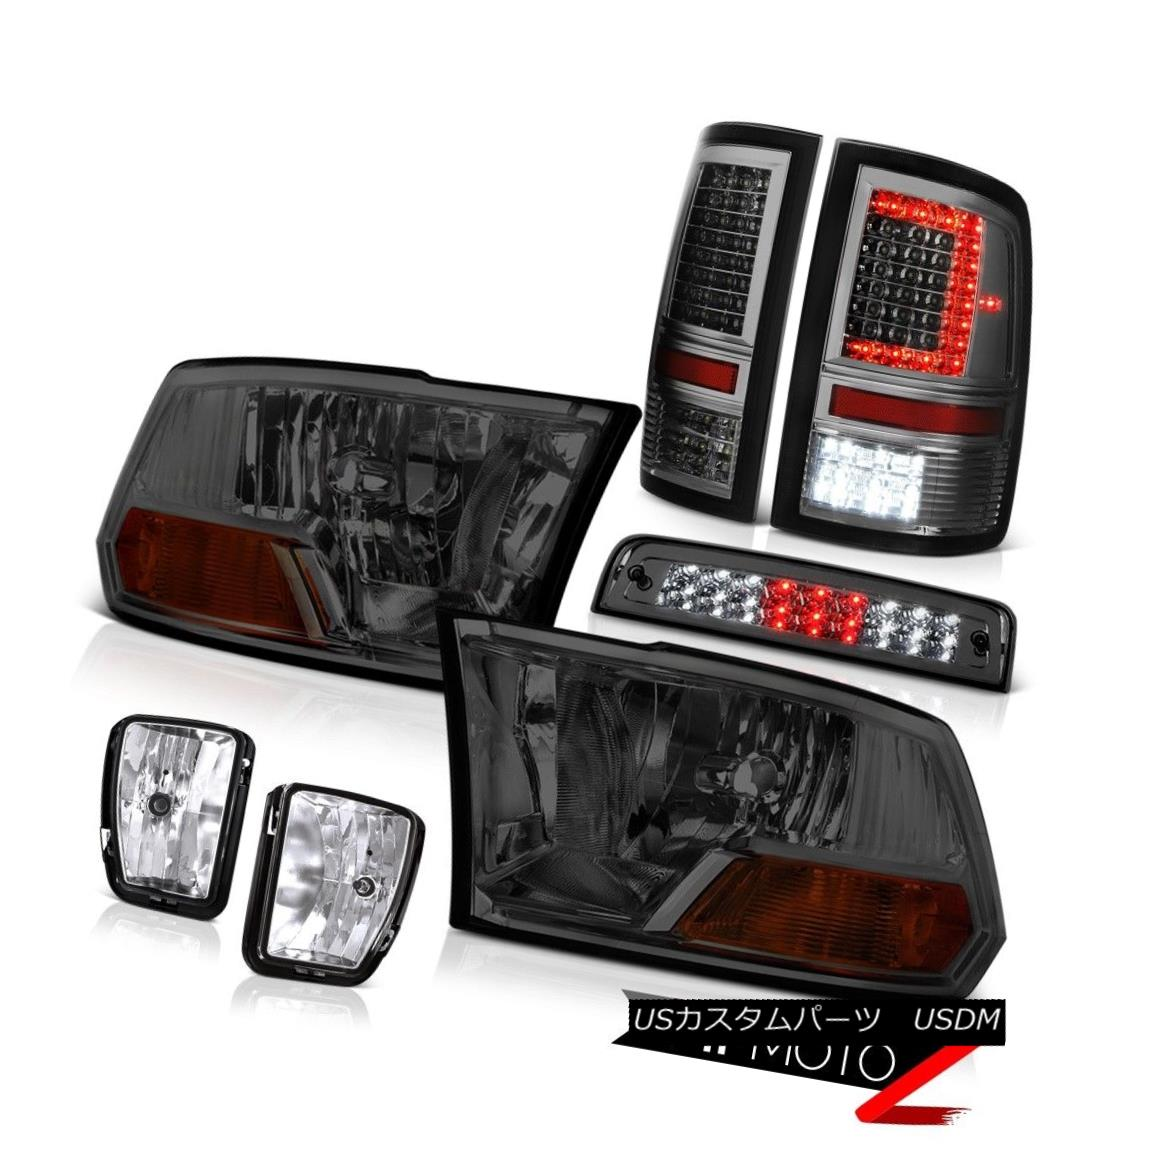 テールライト 13-18 Dodge RAM 1500 Tail Lamp Brake Lights Fog Lamps Factory Style Headlight 13-18ダッジRAM 1500テールランプブレーキライトフォグランプ工場スタイルヘッドライト